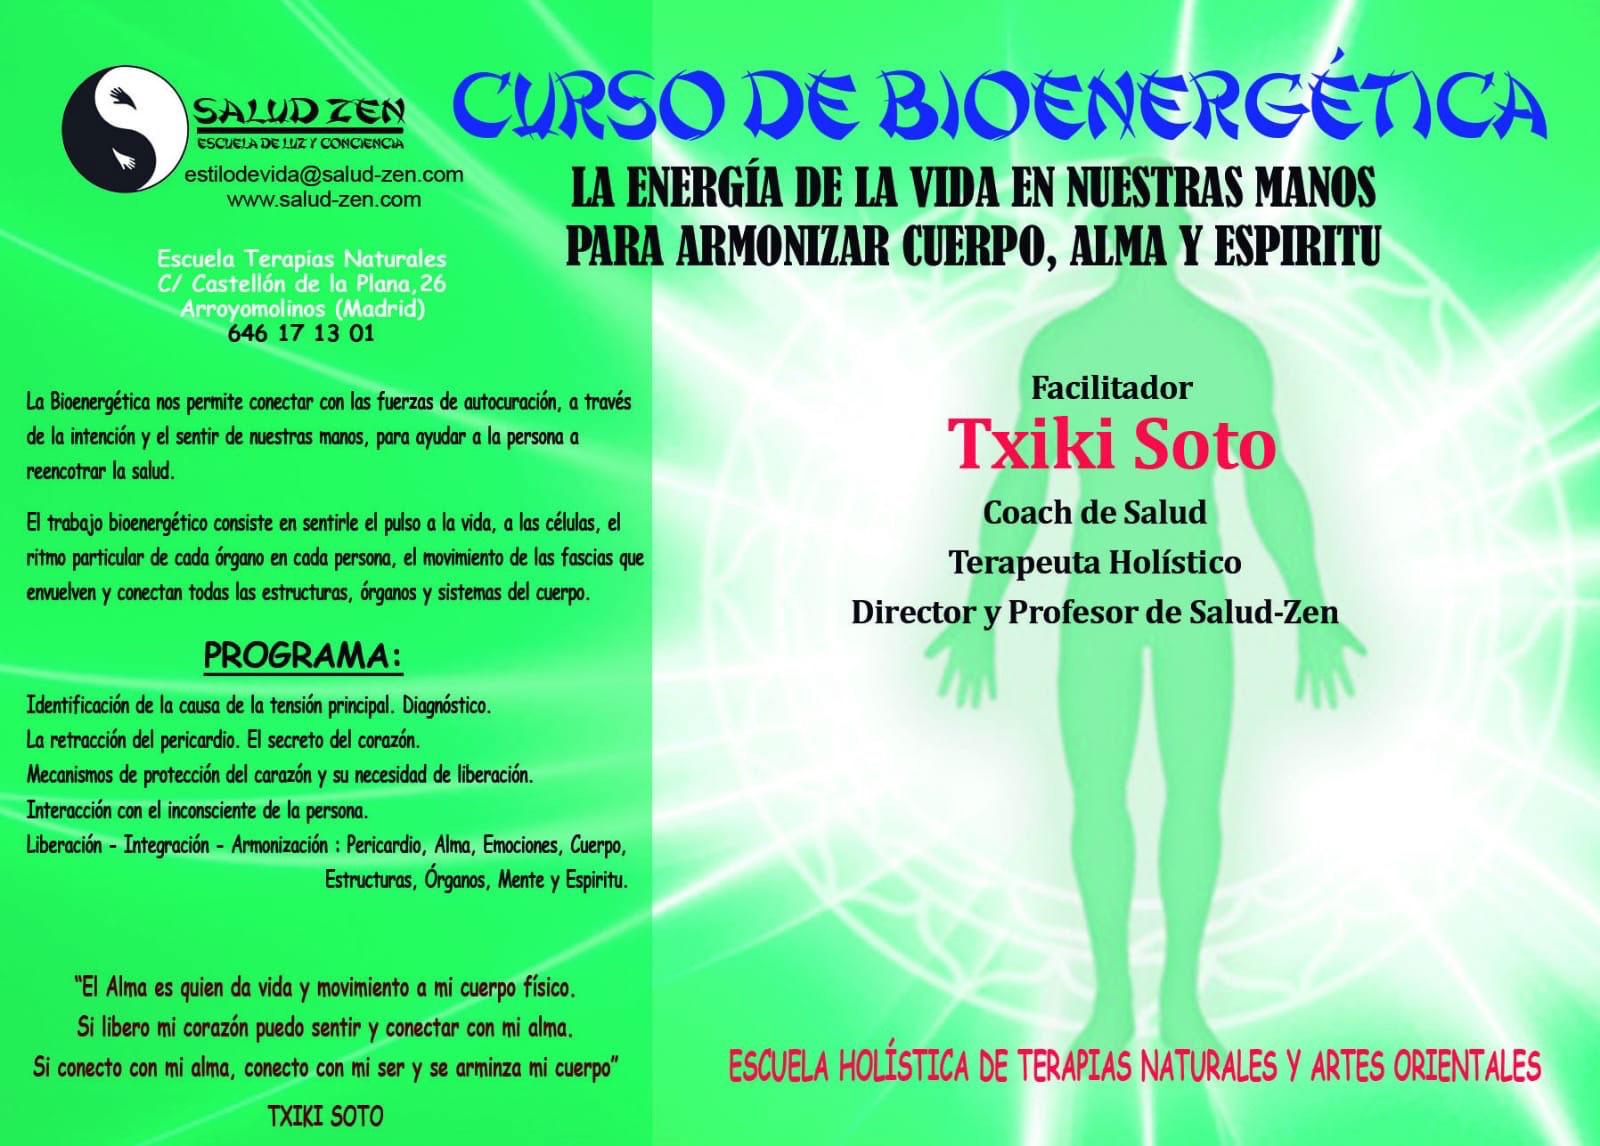 Curso de Bioenergética <br> La energía de la vida en nuestras manos.